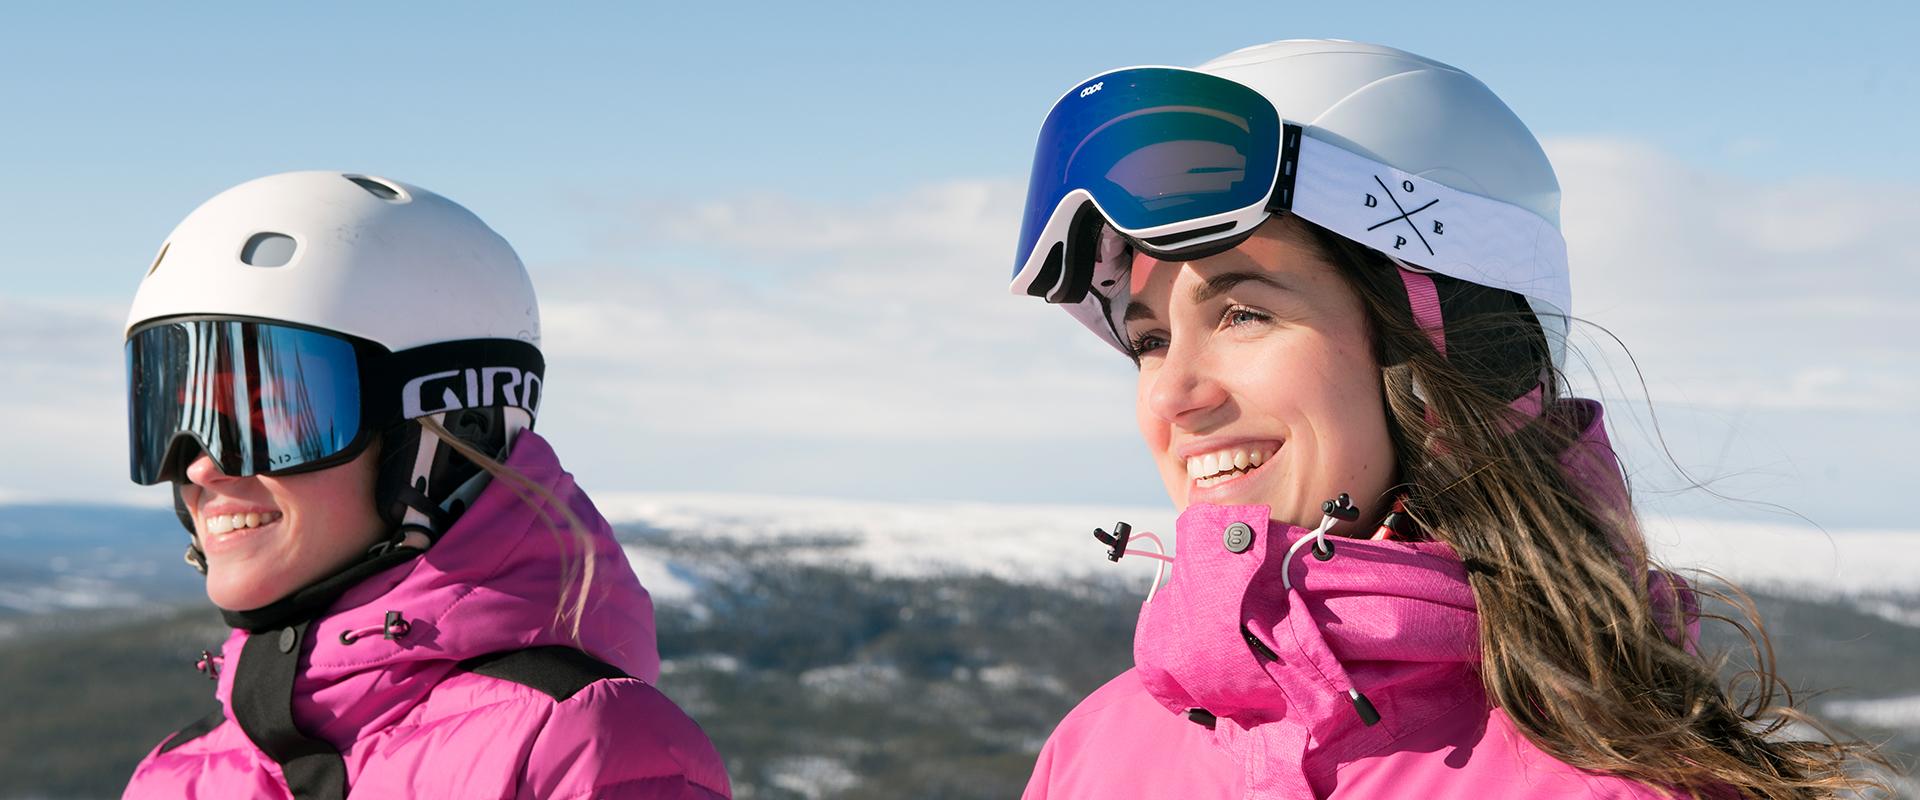 Så väljer du rätt kläder när du ska åka skidor